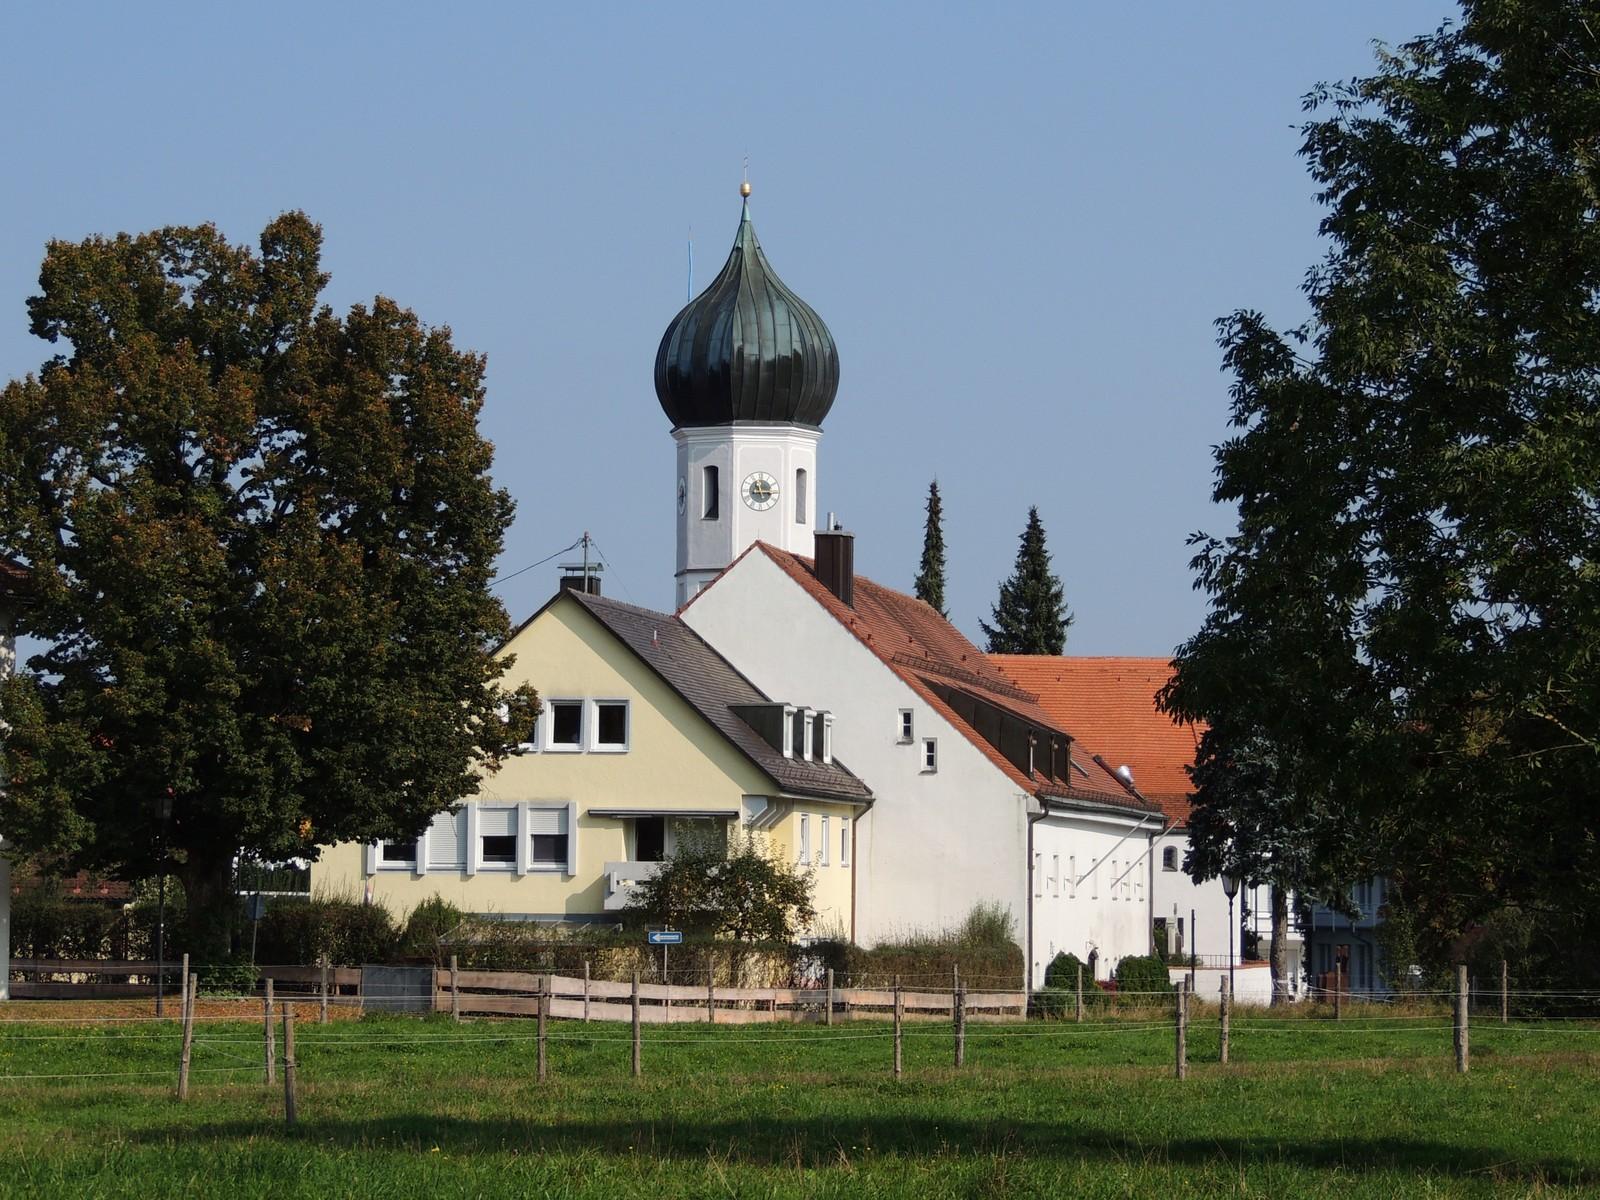 Grünwald-Rundkurs Baierbrunn - alte Kirche St. Peter und Paul (heute: Patrona Bavariae)